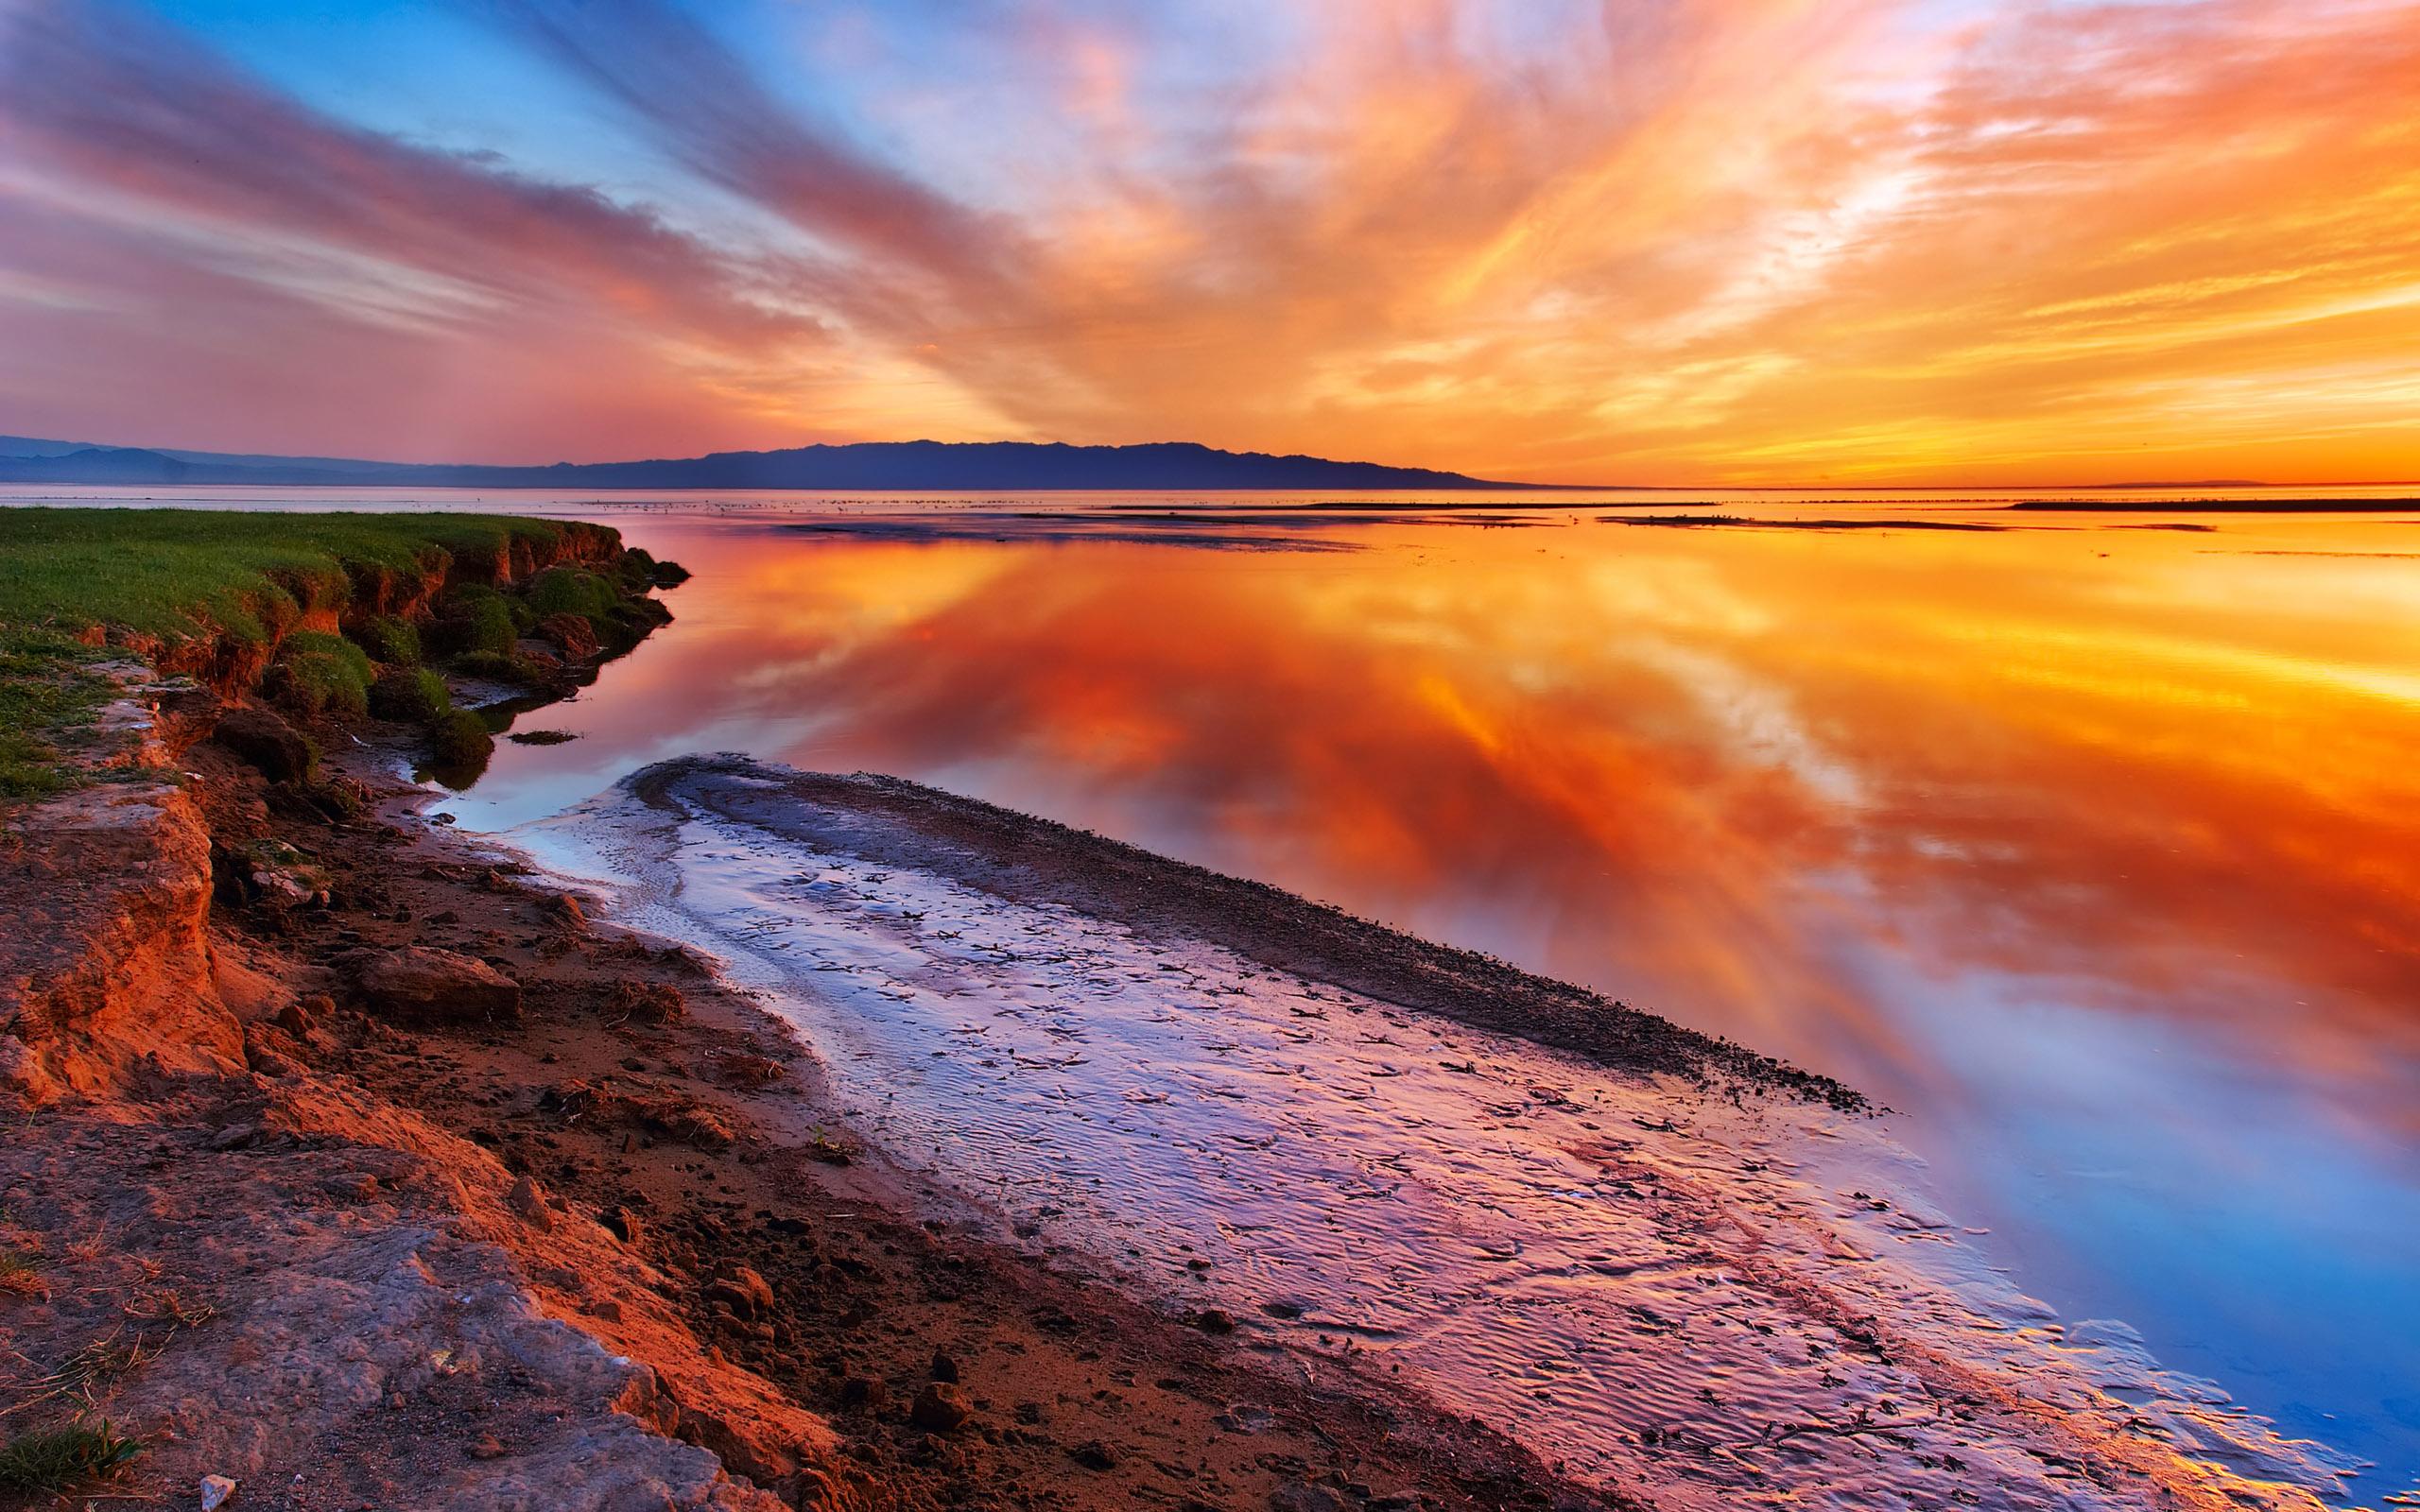 free beautiful landscape desktop wallpaper 06 2010 2560x1600 81805 2560x1600